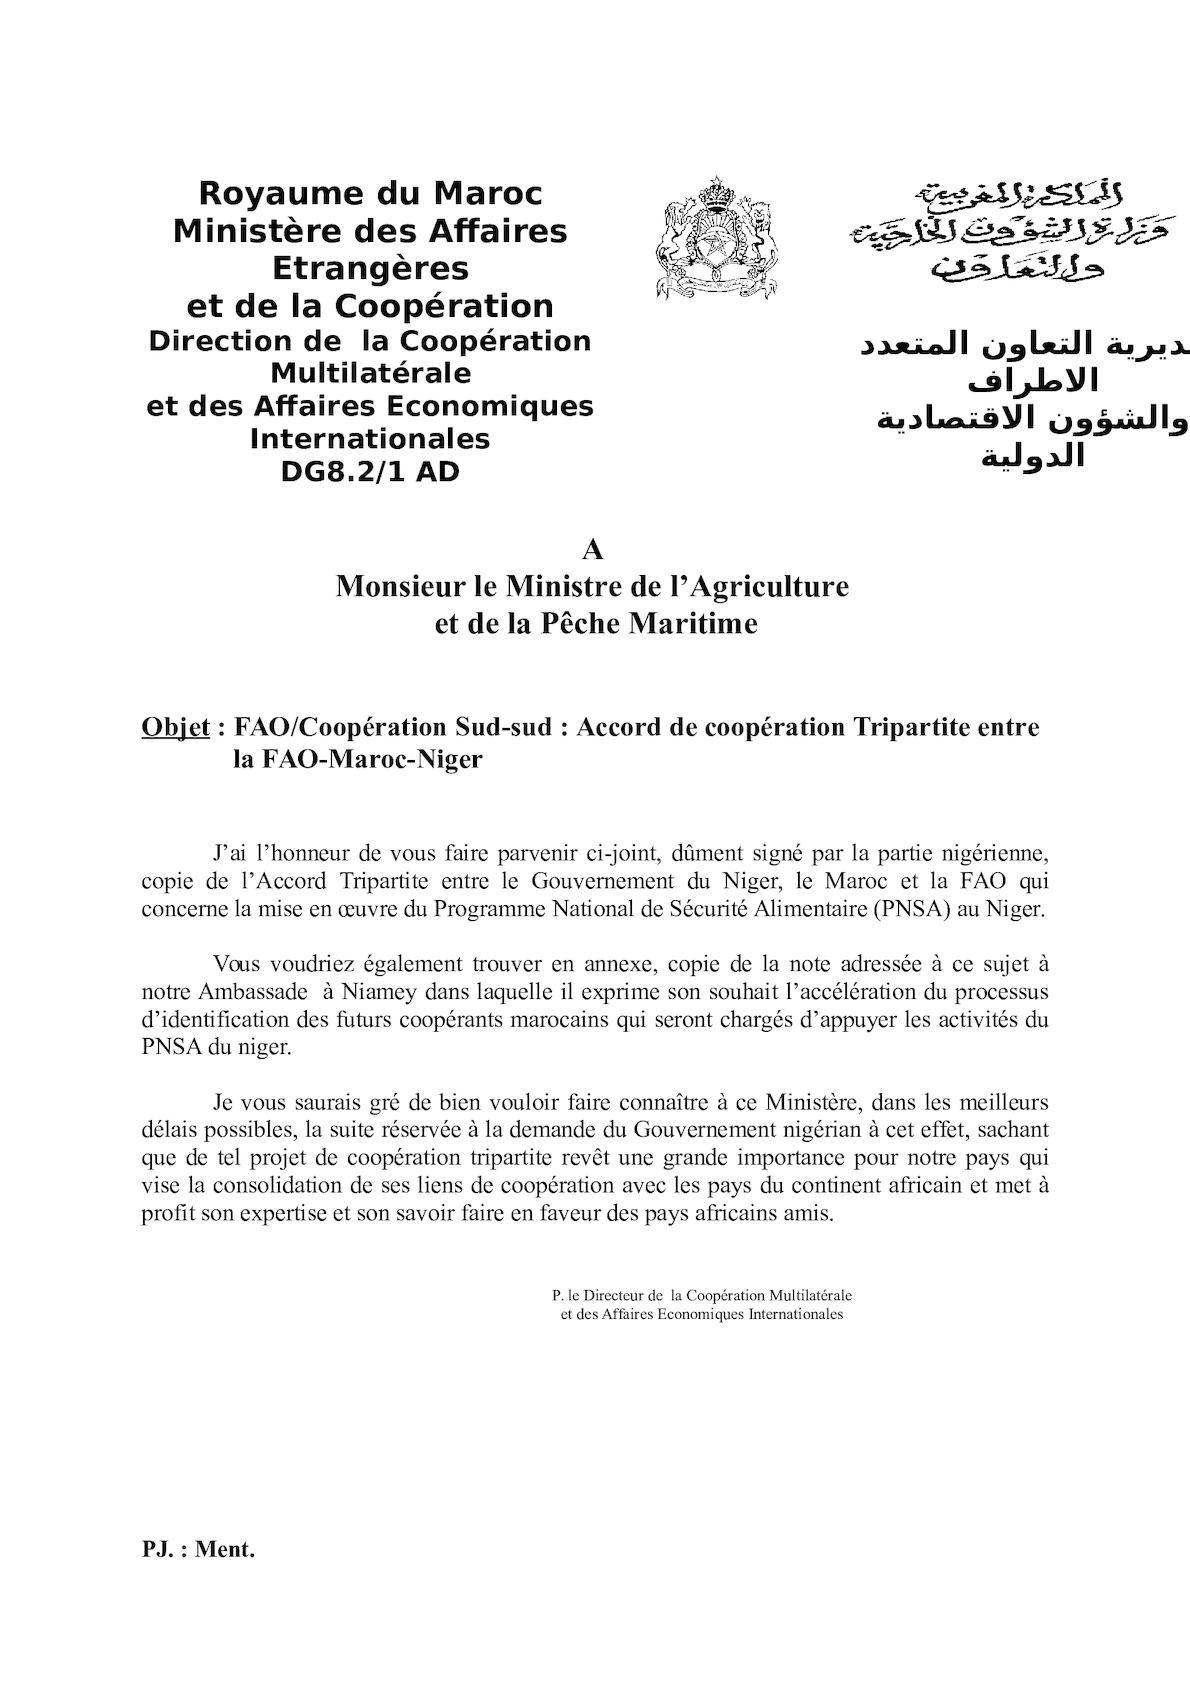 FAO Accor Tripartite FAO MOR Niger